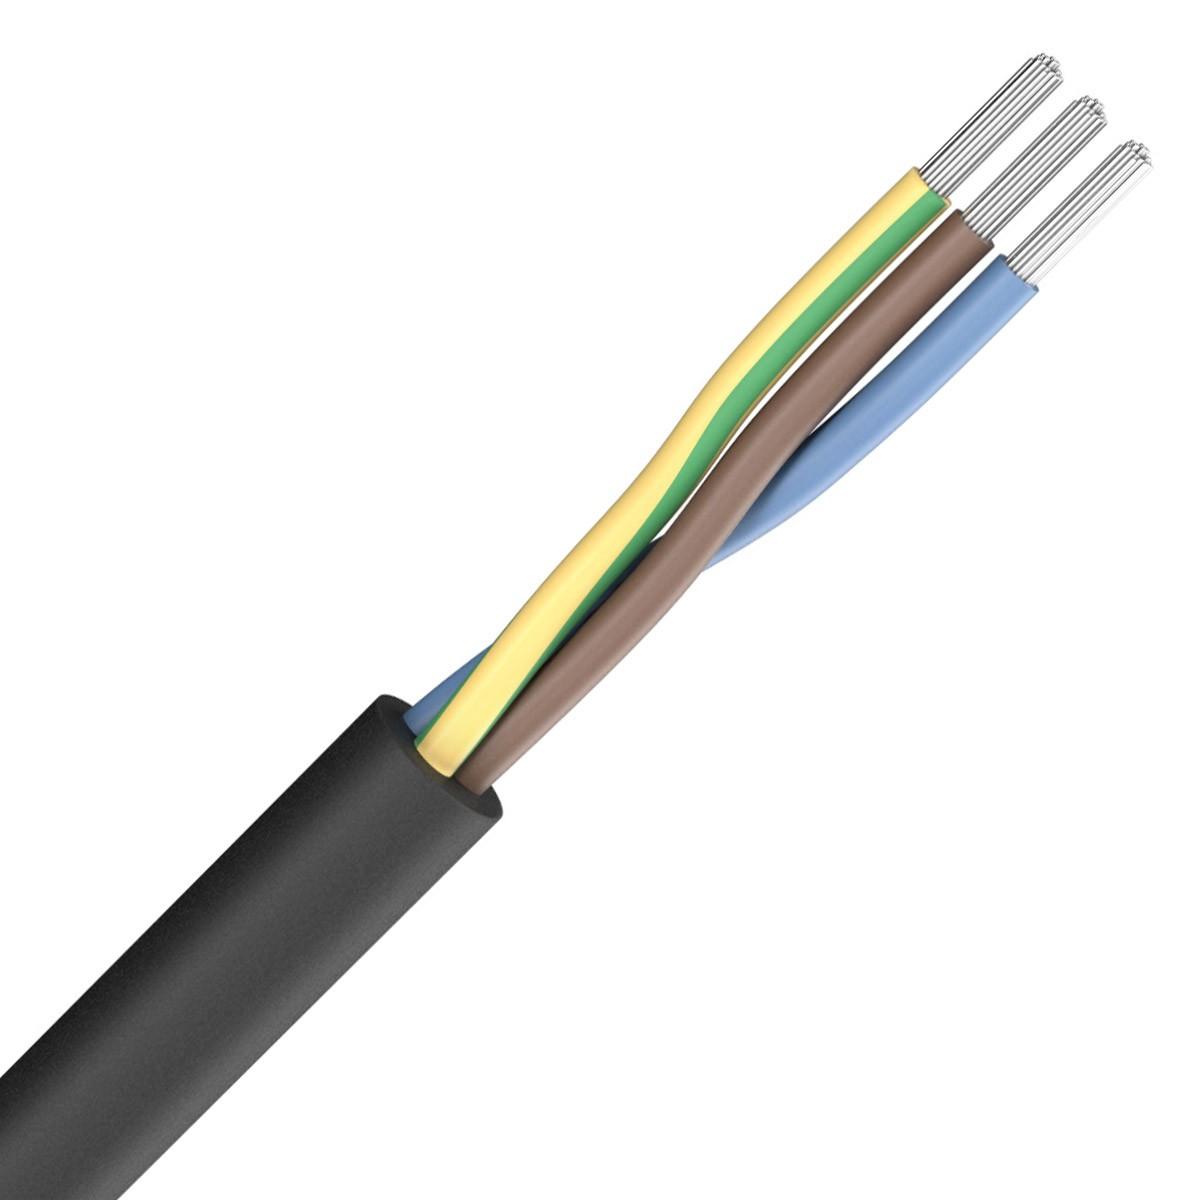 SOMMERCABLE SILCOFLEX Câble Secteur Silicone 3x1.5mm² Ø8mm